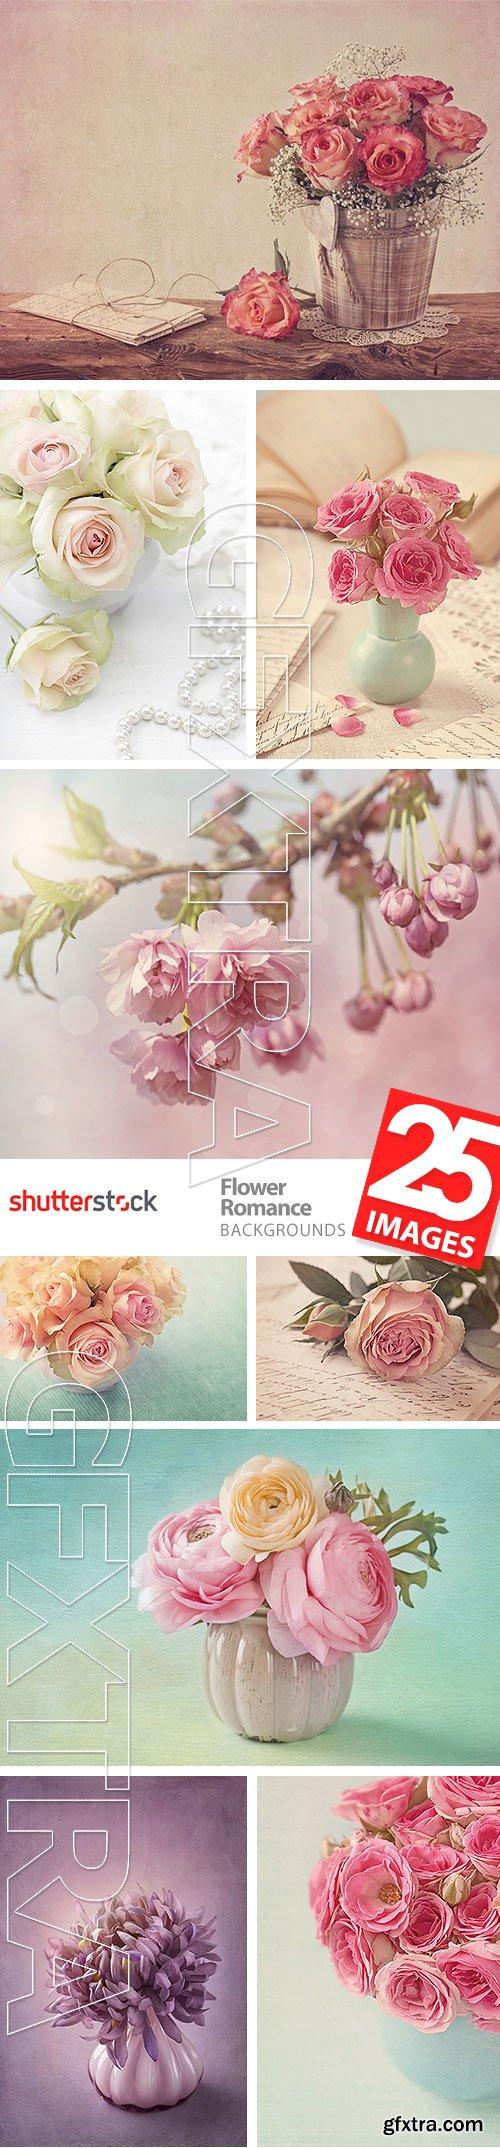 Flower Romance 25xJPG